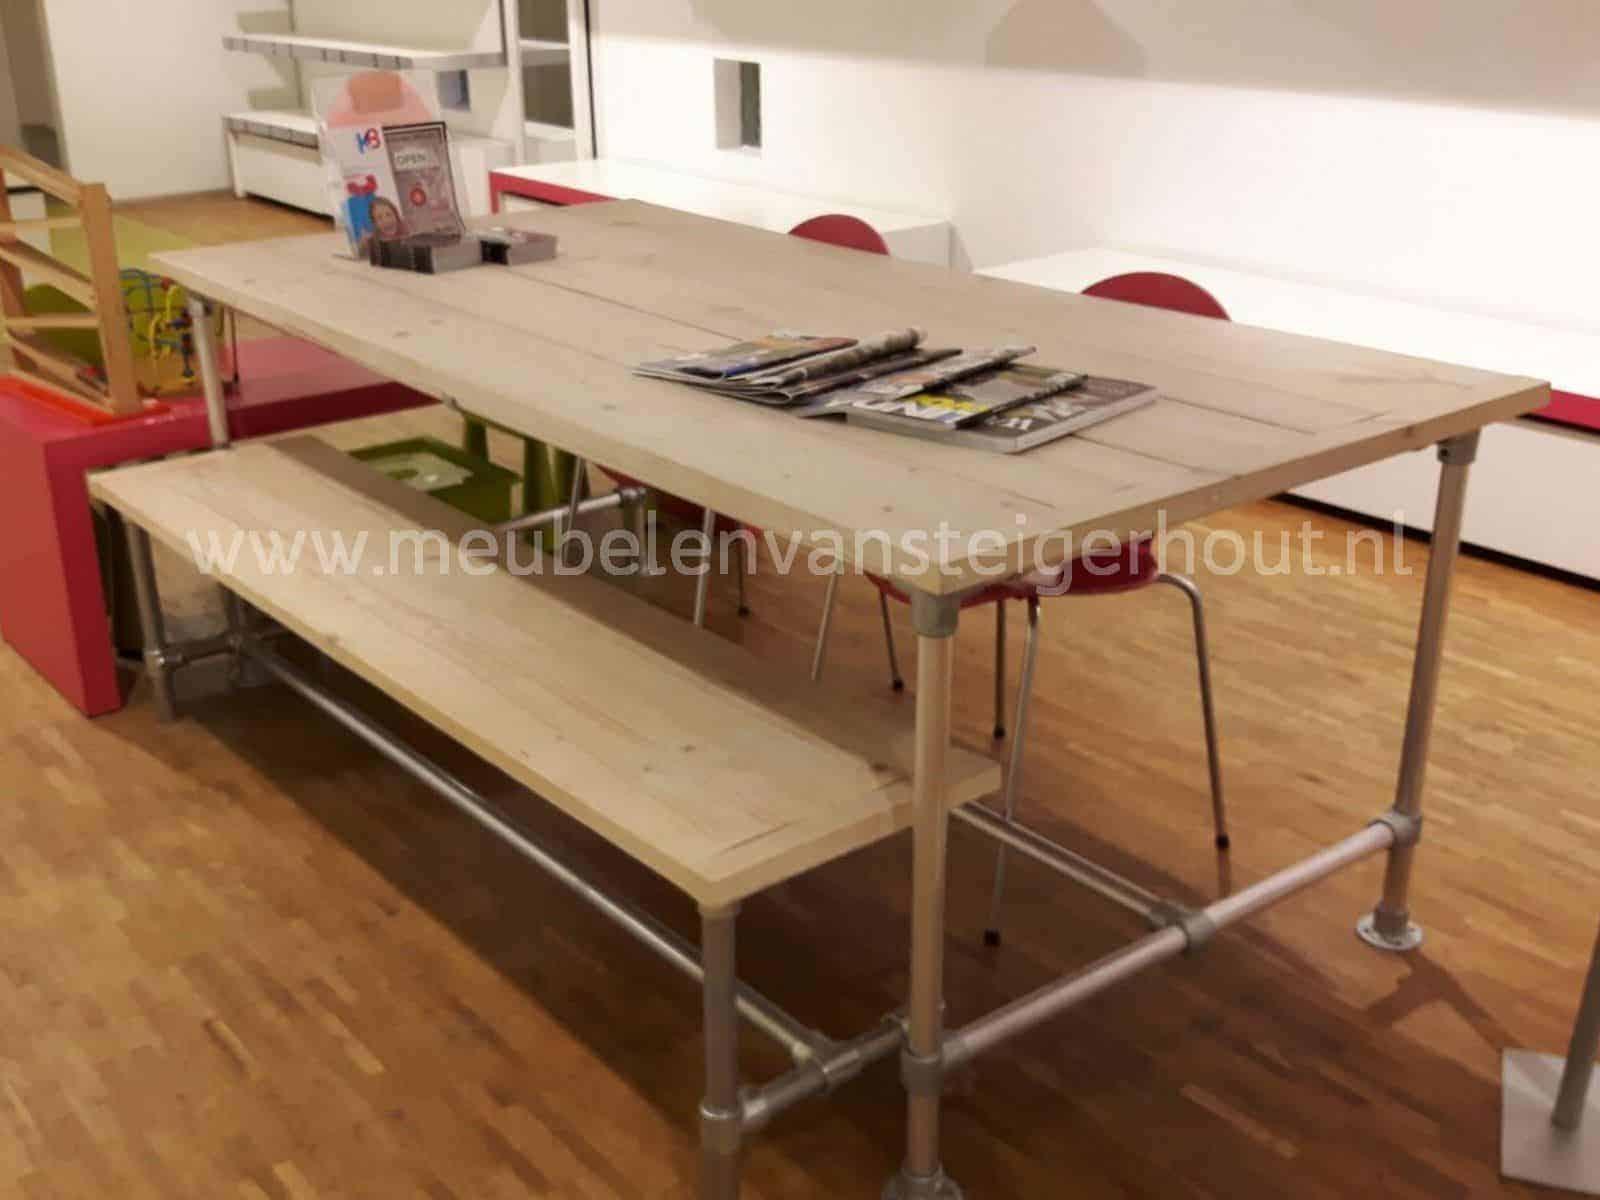 Steigerbuis Tafel Onderstel : Steigerbuizen tafel steigerbuis tafel k oud is nieuw